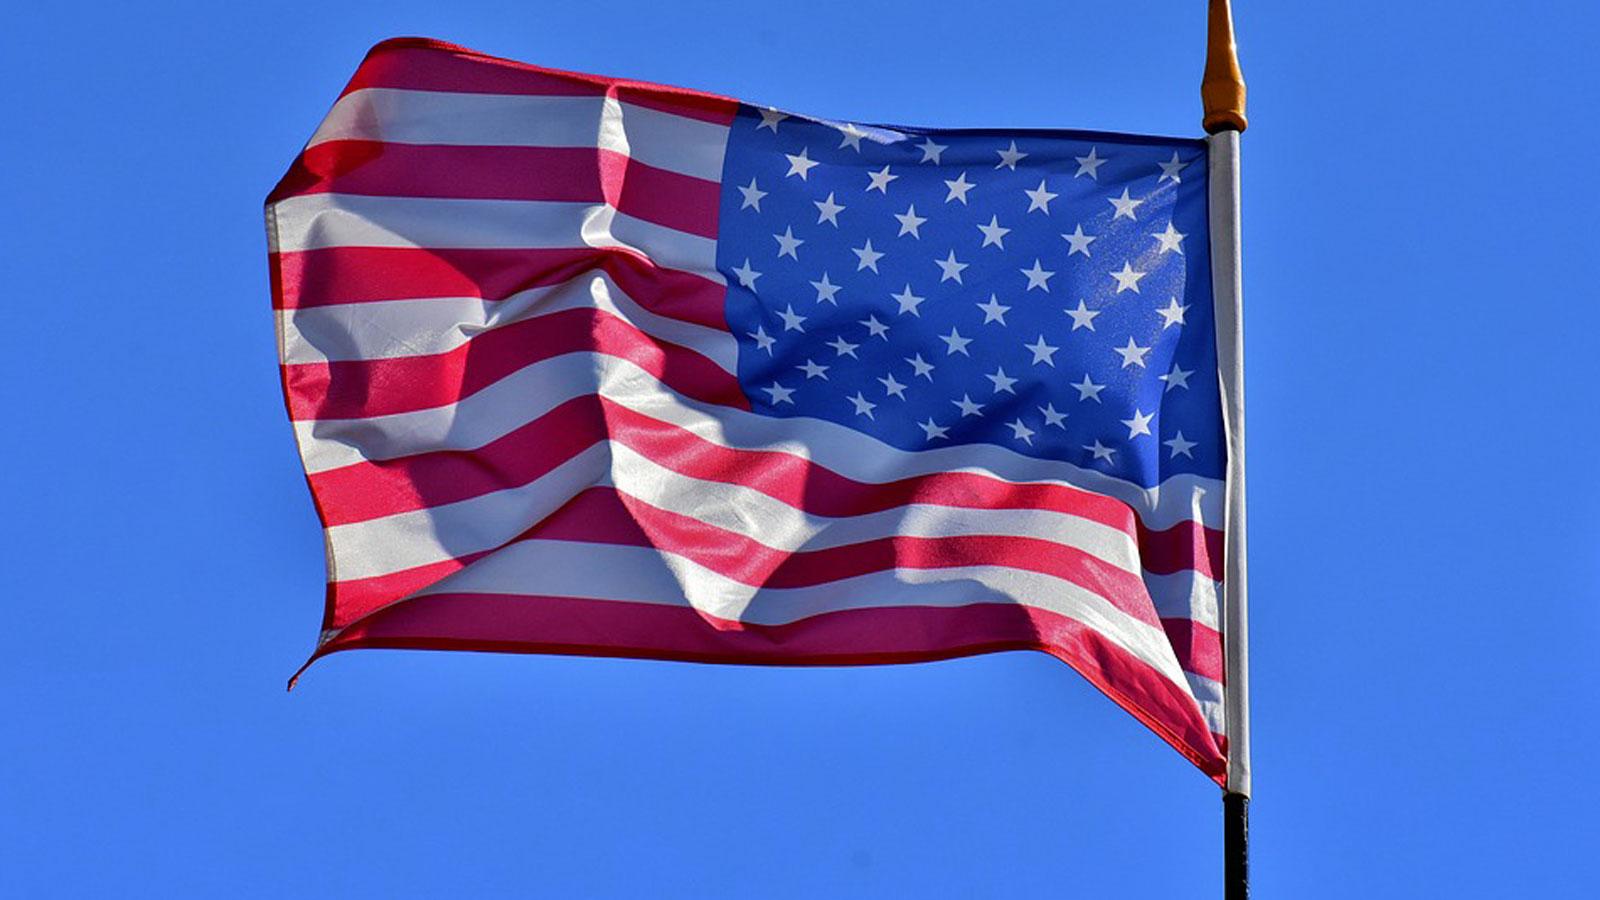 ملخص: الولايات المتحدة الأمريكية: القوة الإنتاجية - جغرافيا - بكالوريا آداب واقتصاد وتصرف